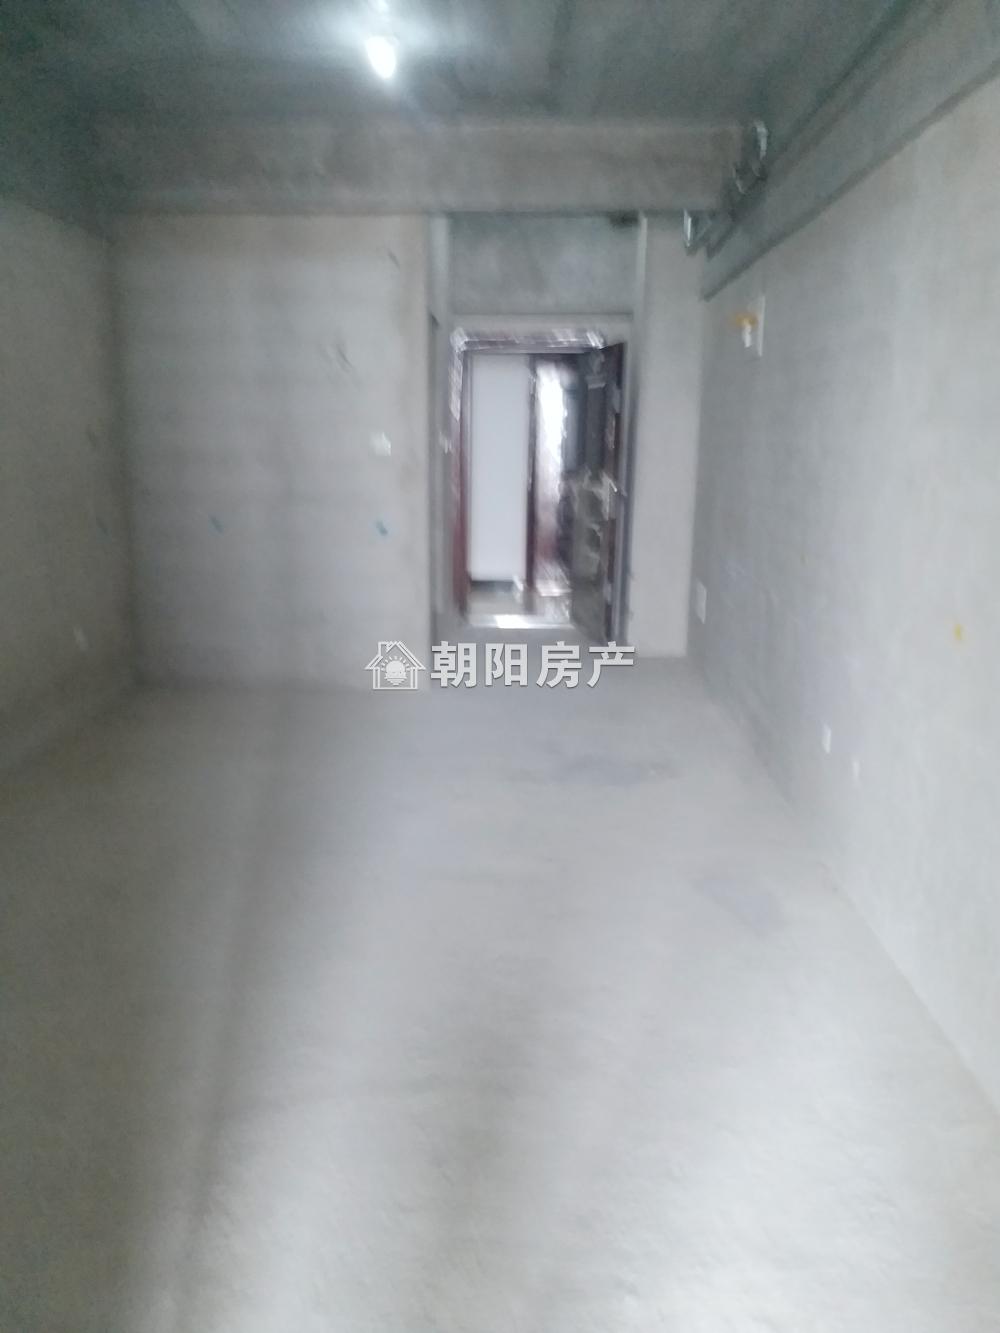 万达广场新毛坯公寓,楼层好,价格便宜